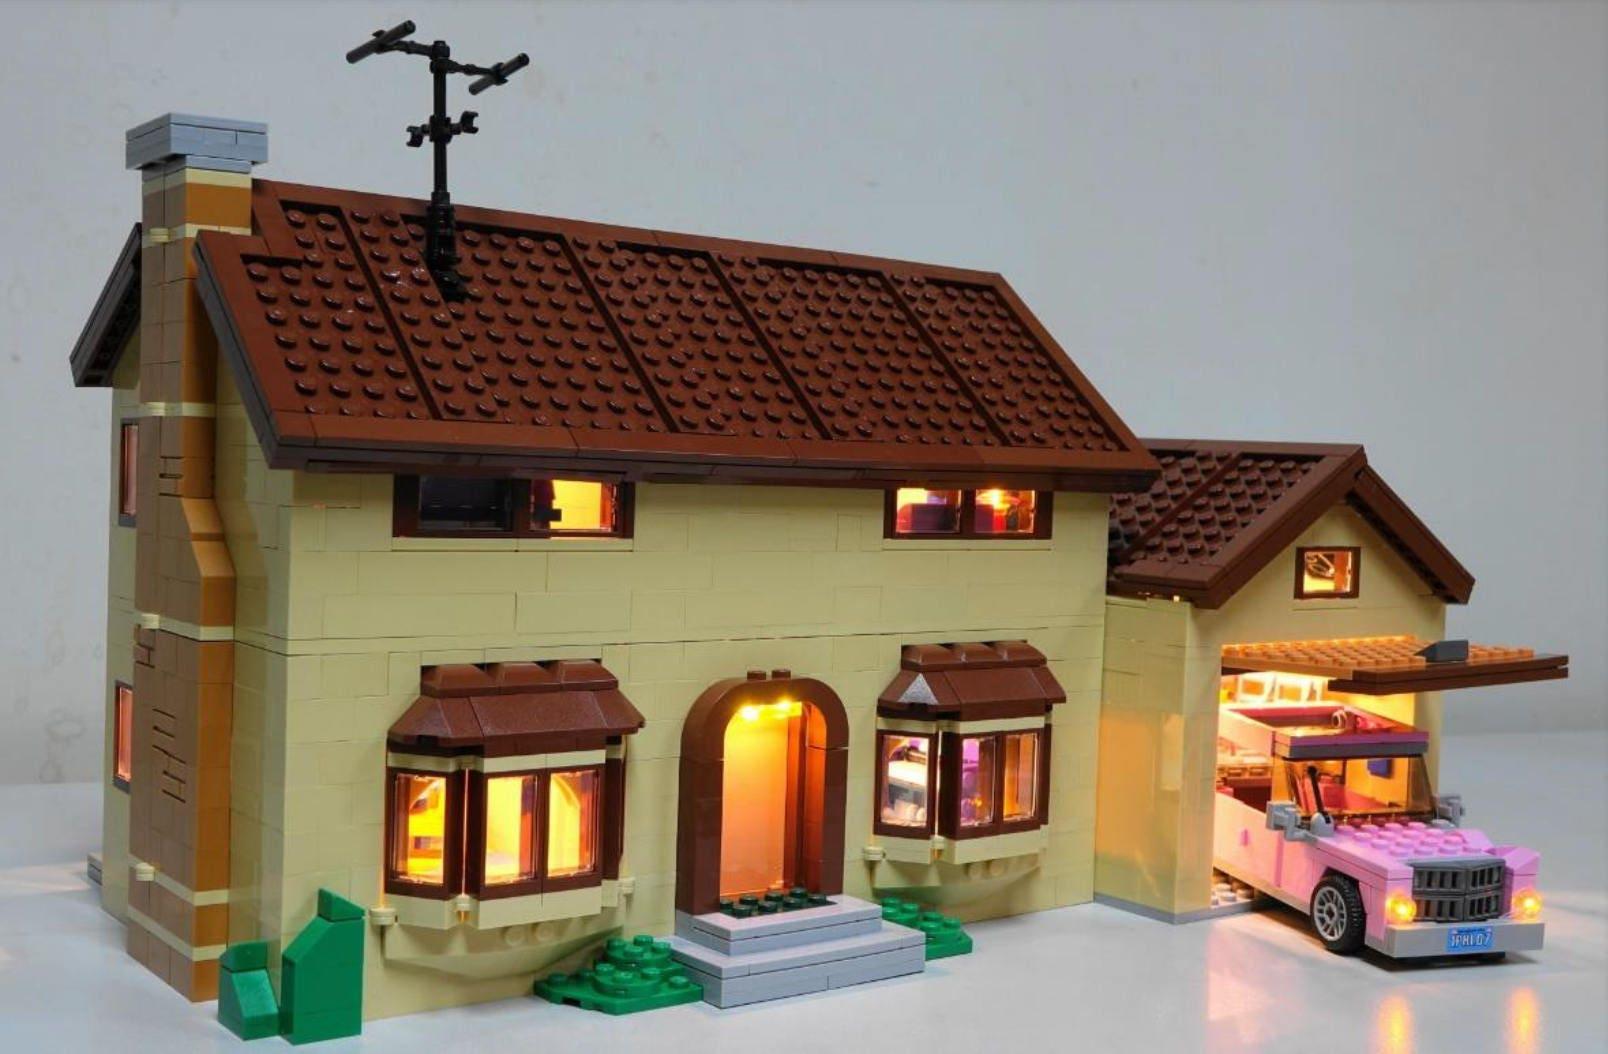 lego lighting. Description. LED Lighting Kit For LEGO Lego